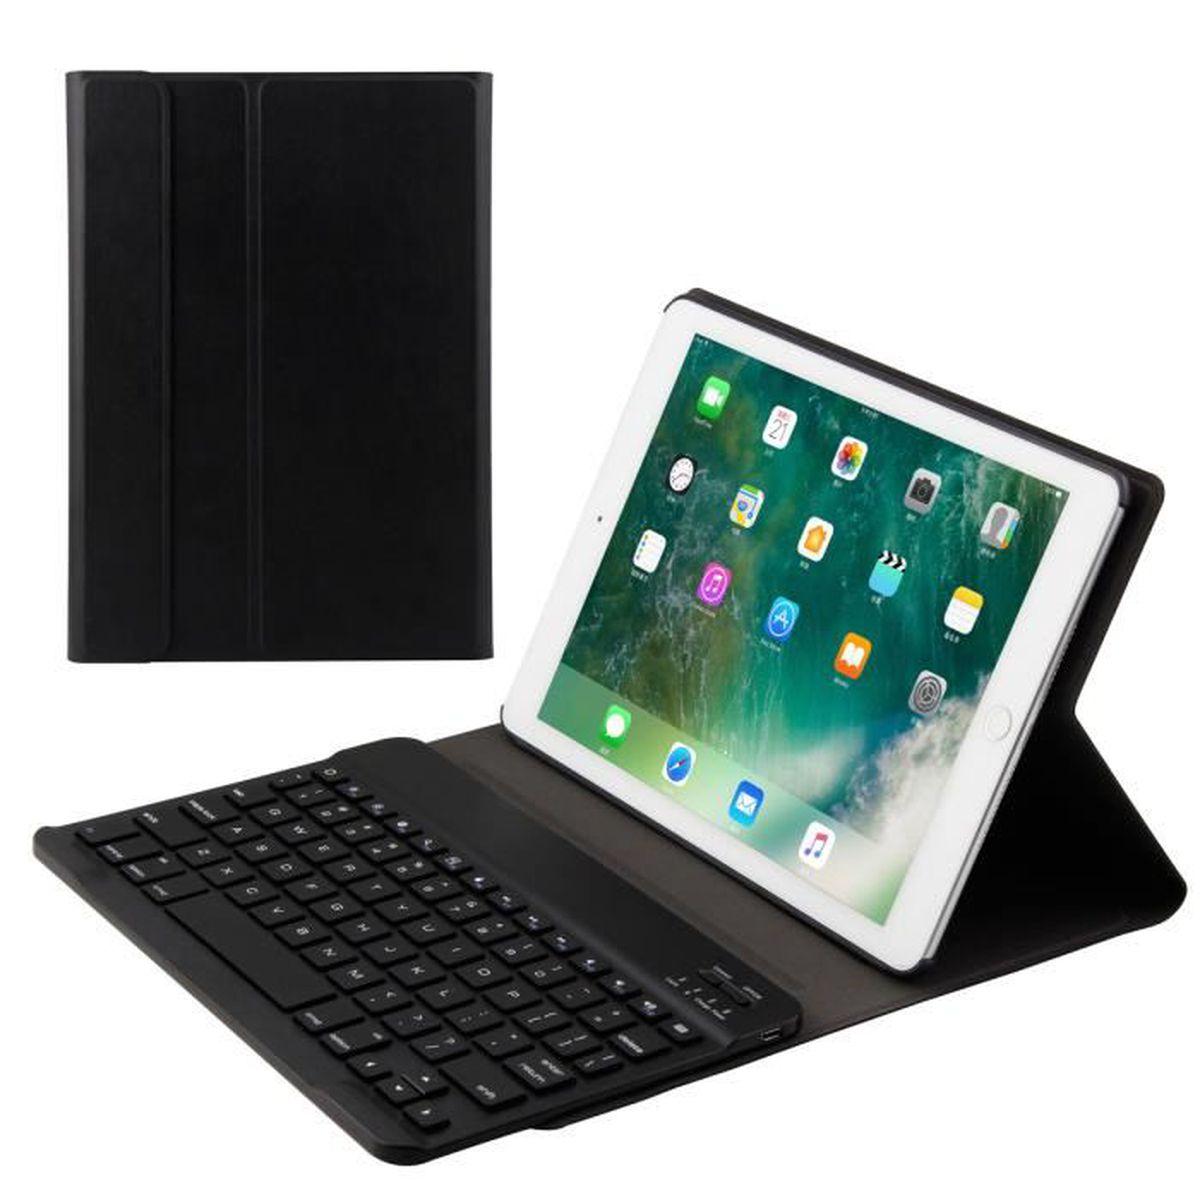 iPad Pro 2017 9.7 iPad Air 2 Clavier Bluetooth AZERTY fran/çais 9.7 iPad Housse Coque Stand Pochette de Protection pour iPad 2017 9.7 iPad Air 1 Fonction Sommeil R/éveil Automatique